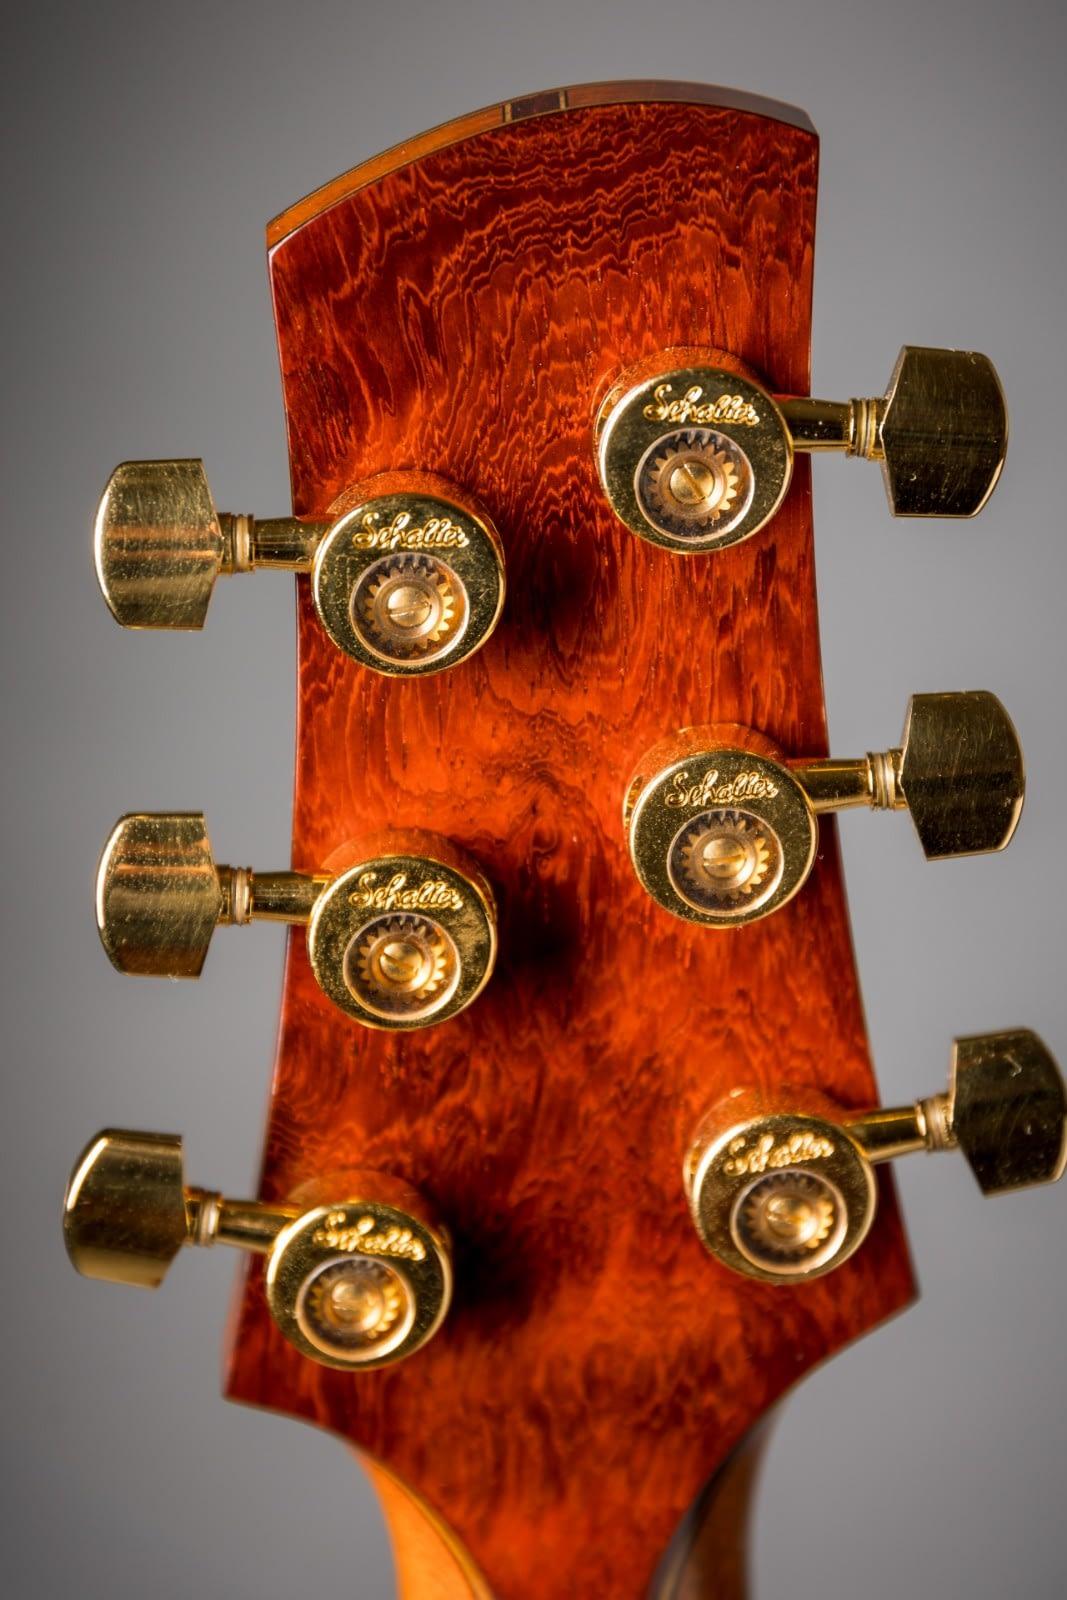 schaller da vinci machine heads padauk backstrap handmade guitar insight